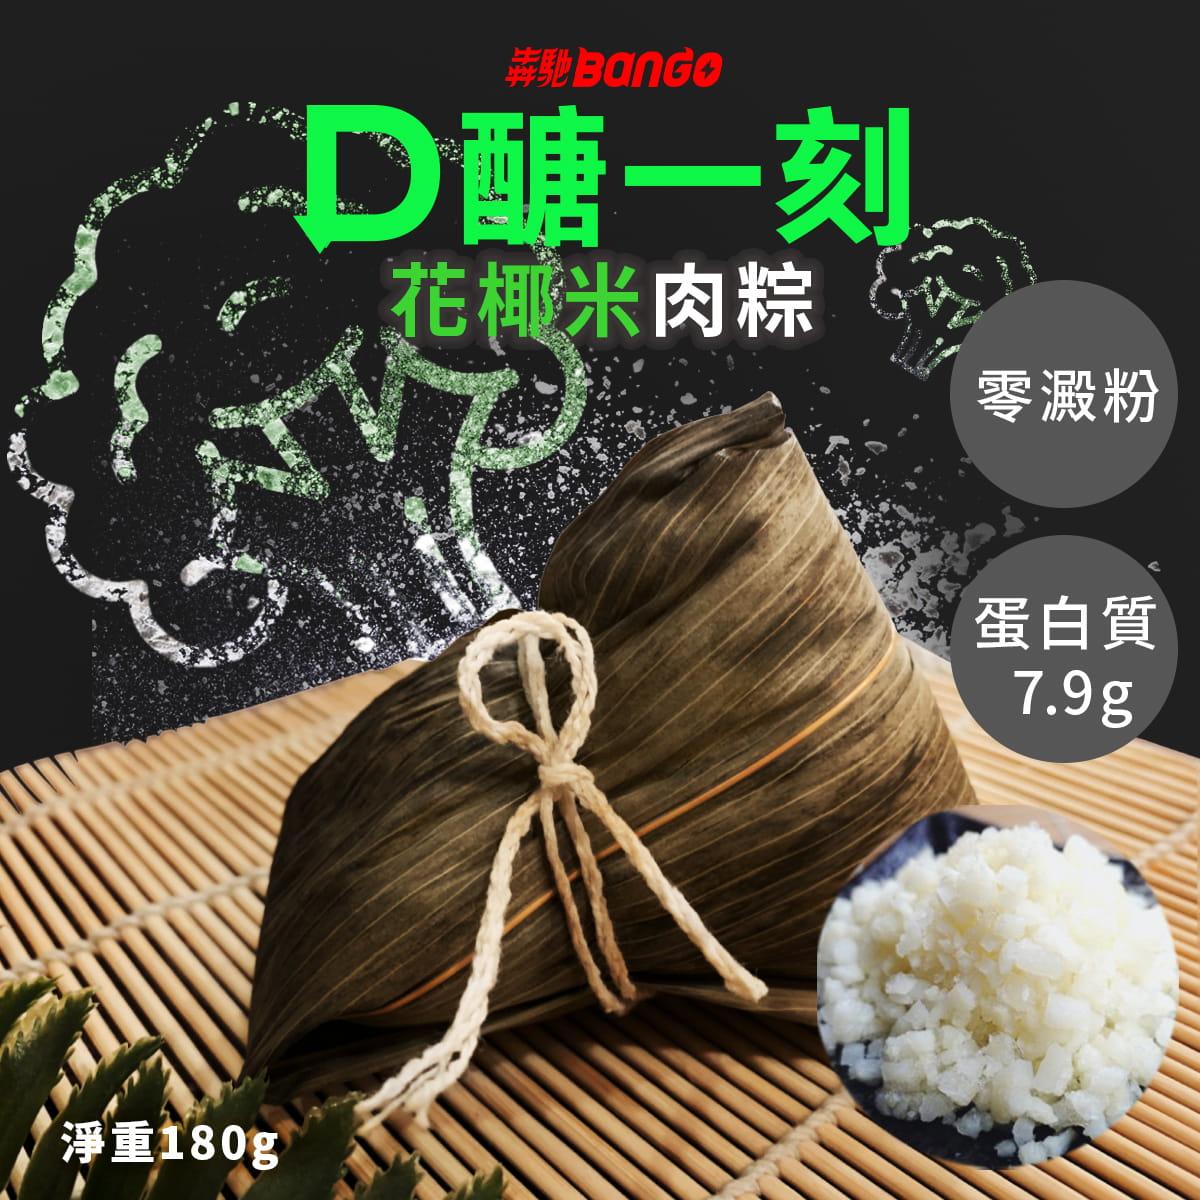 【Bango】無澱粉花椰菜米肉粽 0